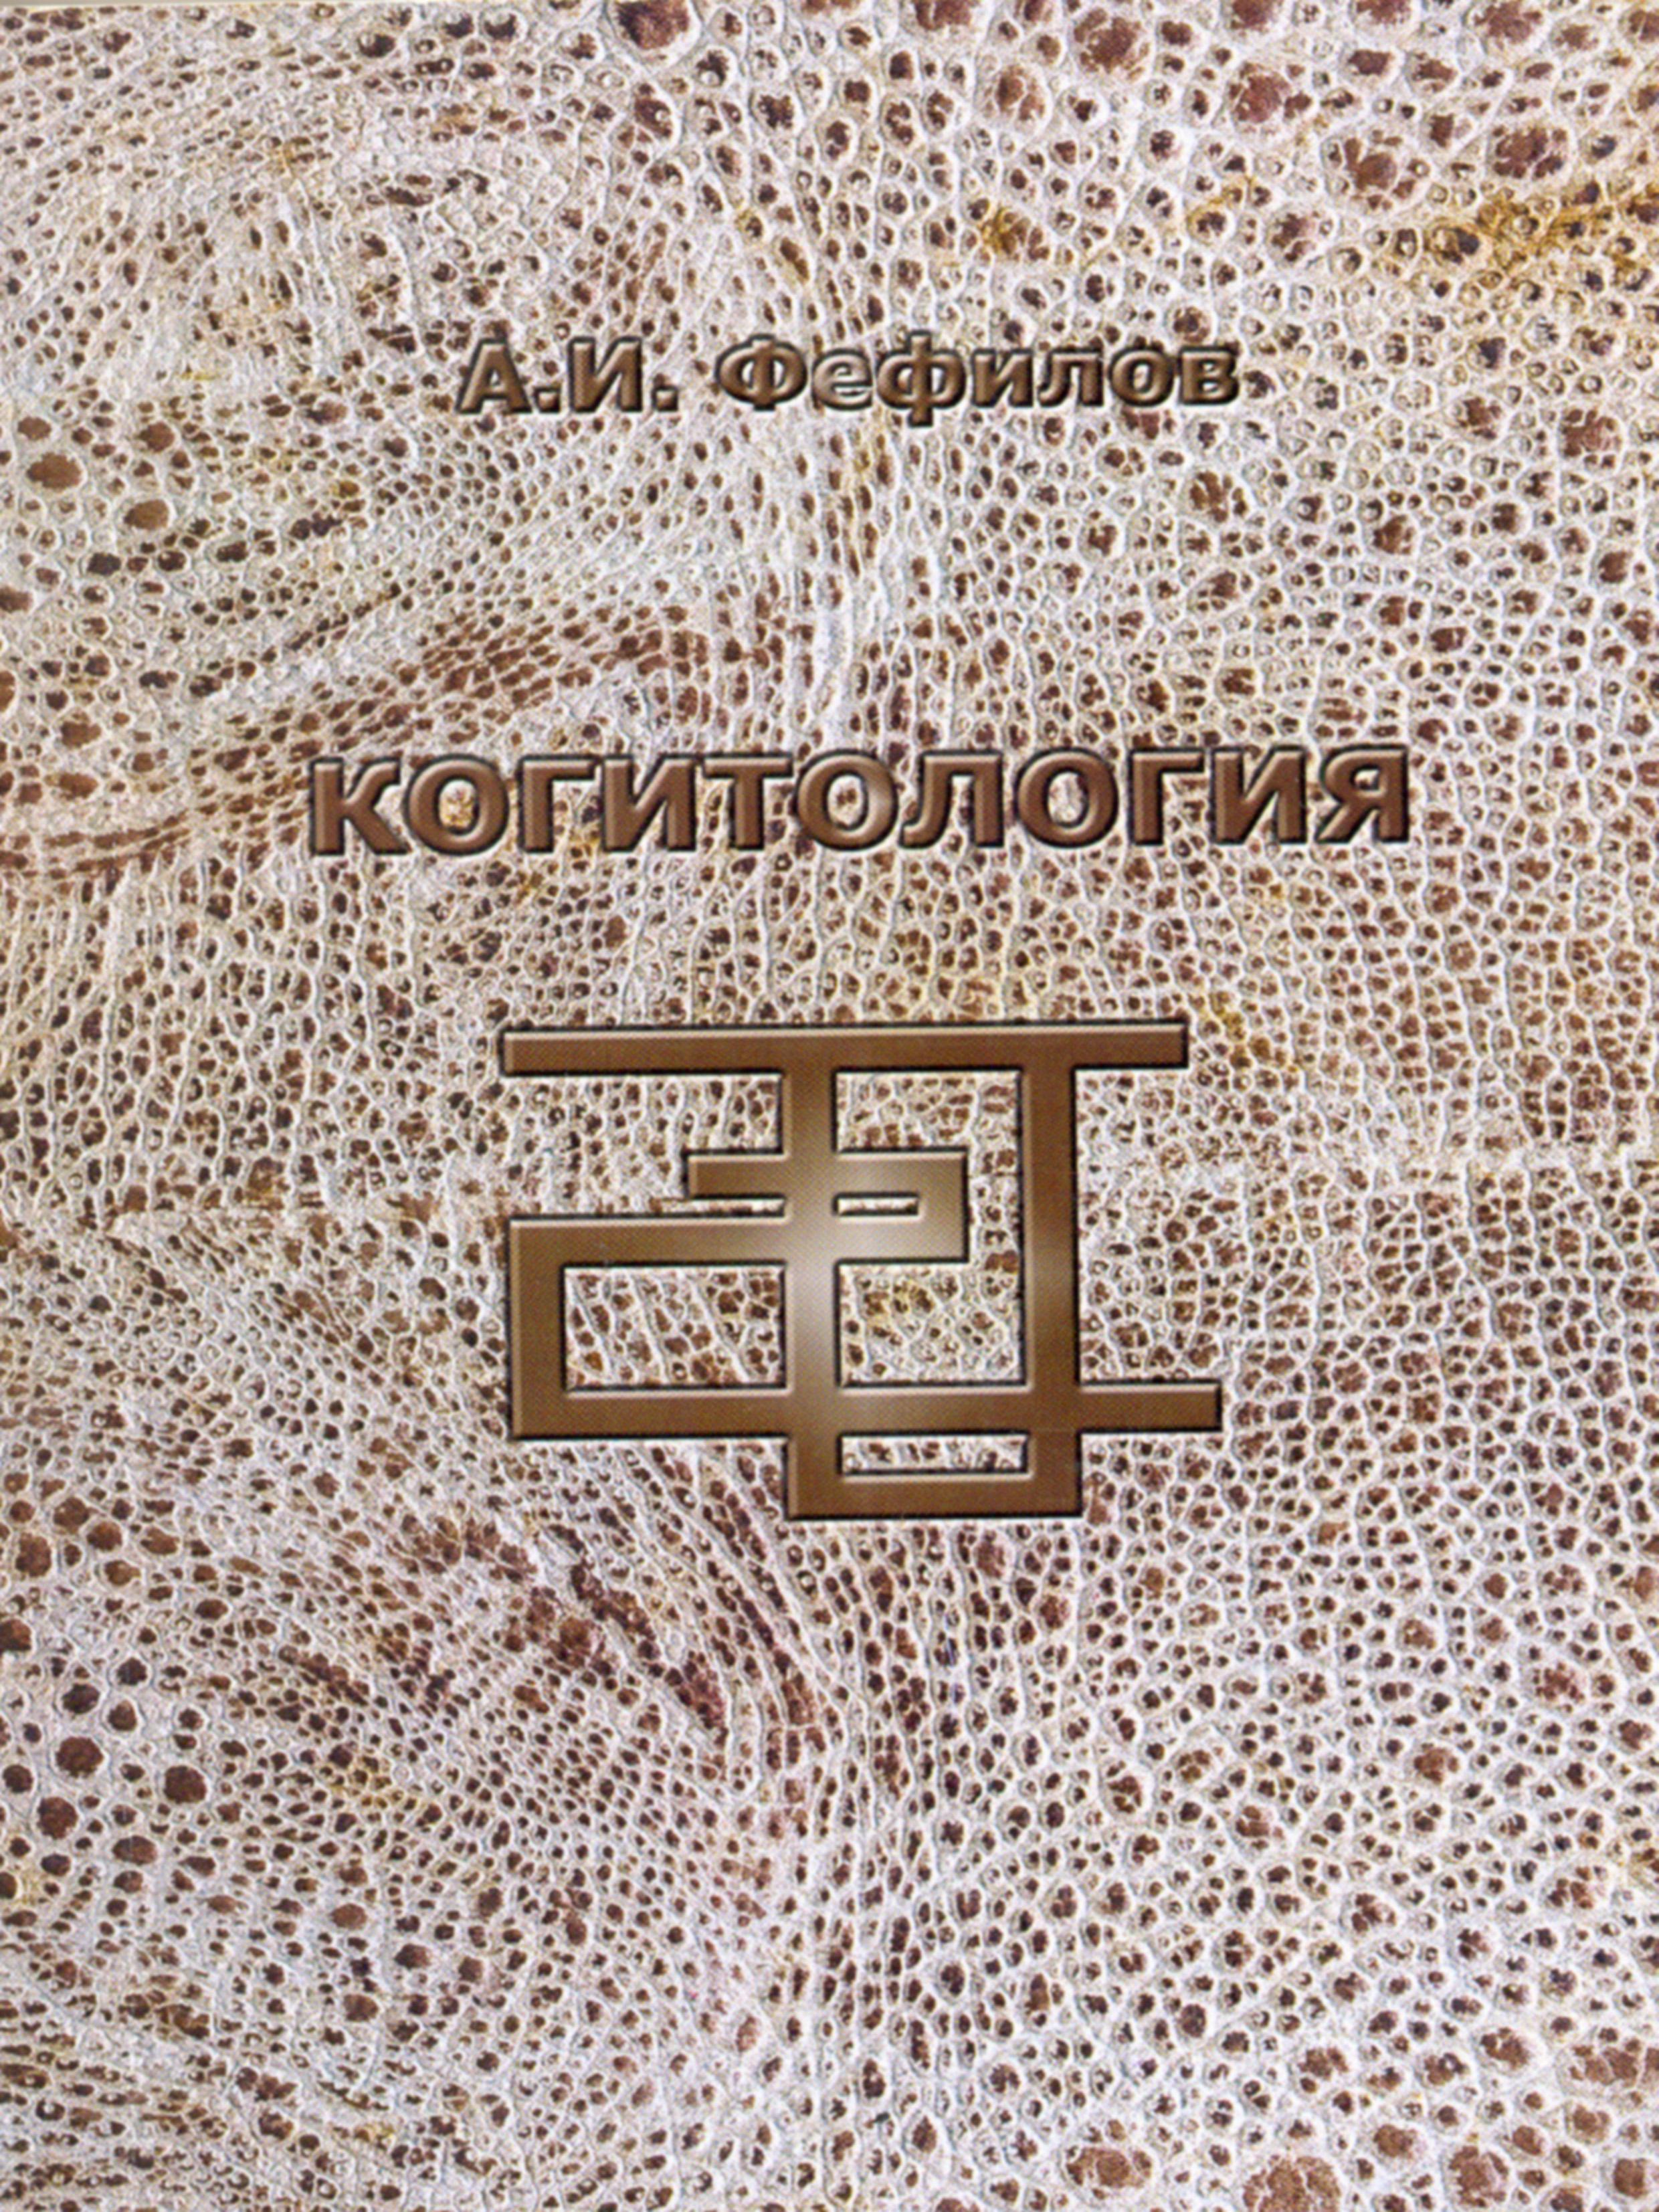 А. И. Фефилов Когитология гиренок ф аутография языка и сознания